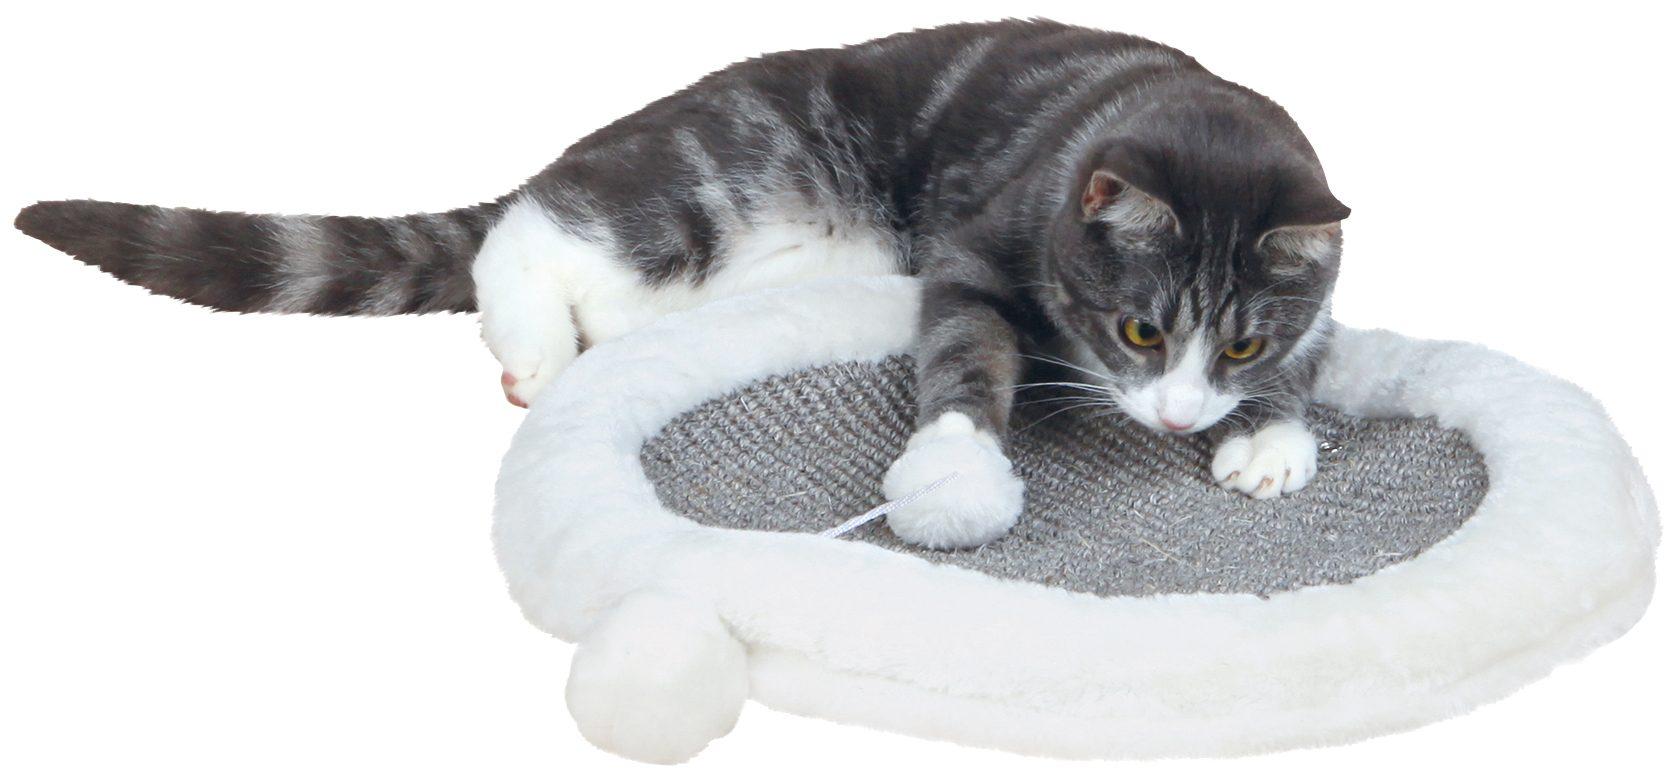 Katzen-Plüschspielzeug »Kratzmatte«, Ø: 40 cm, creme/grau